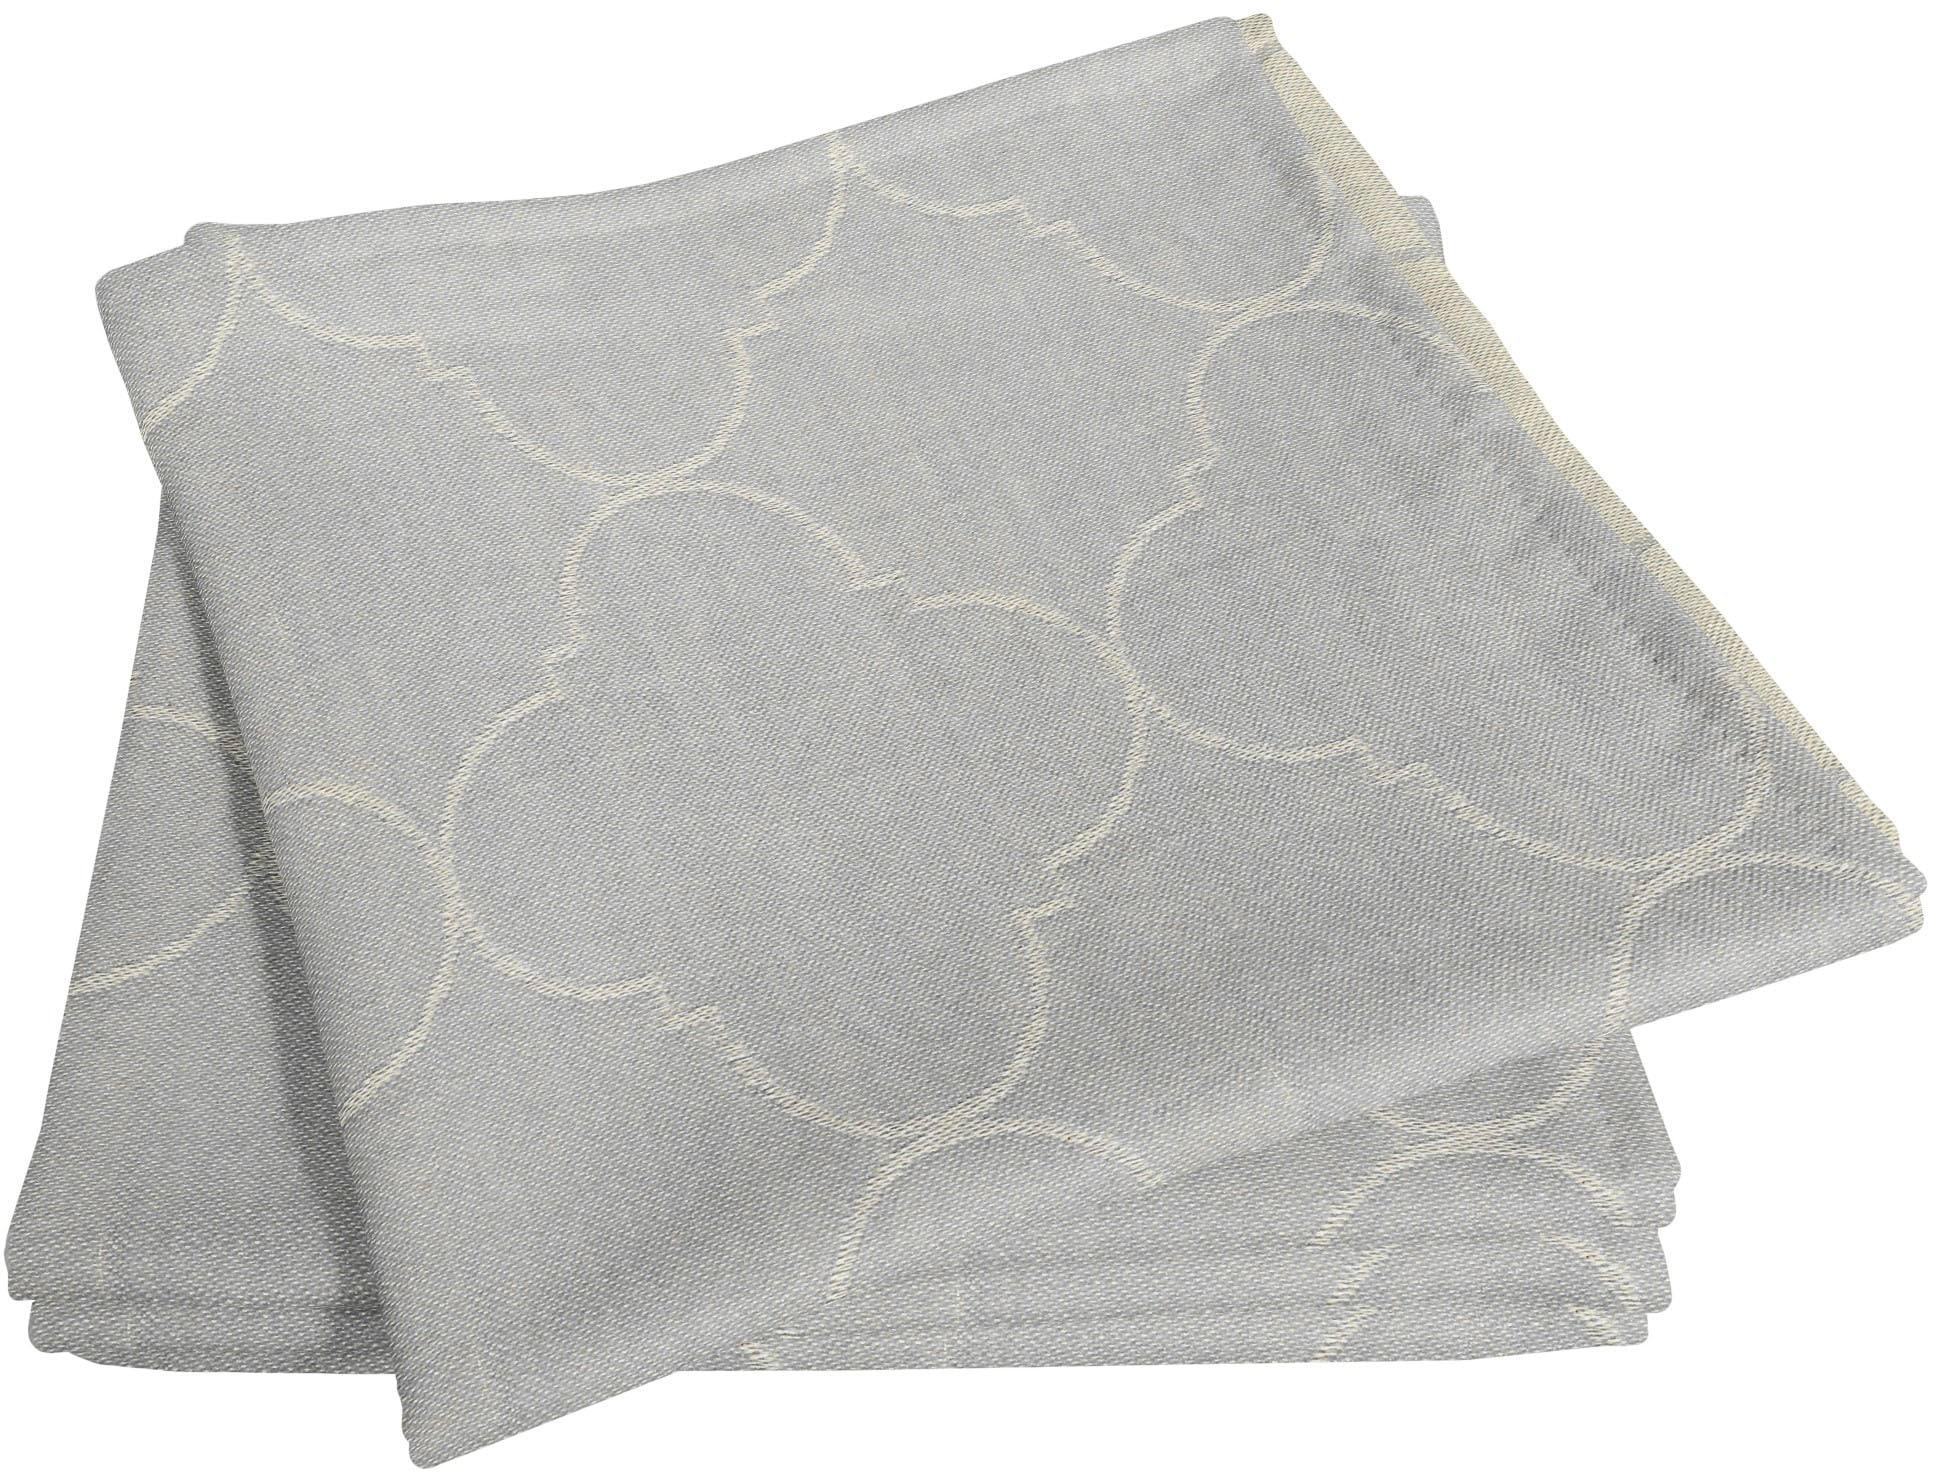 Adam Stoffserviette Indian Cortezada Light, (4 St.), nachhaltig, GOTS zertifiziert grau Stoffservietten Tischwäsche